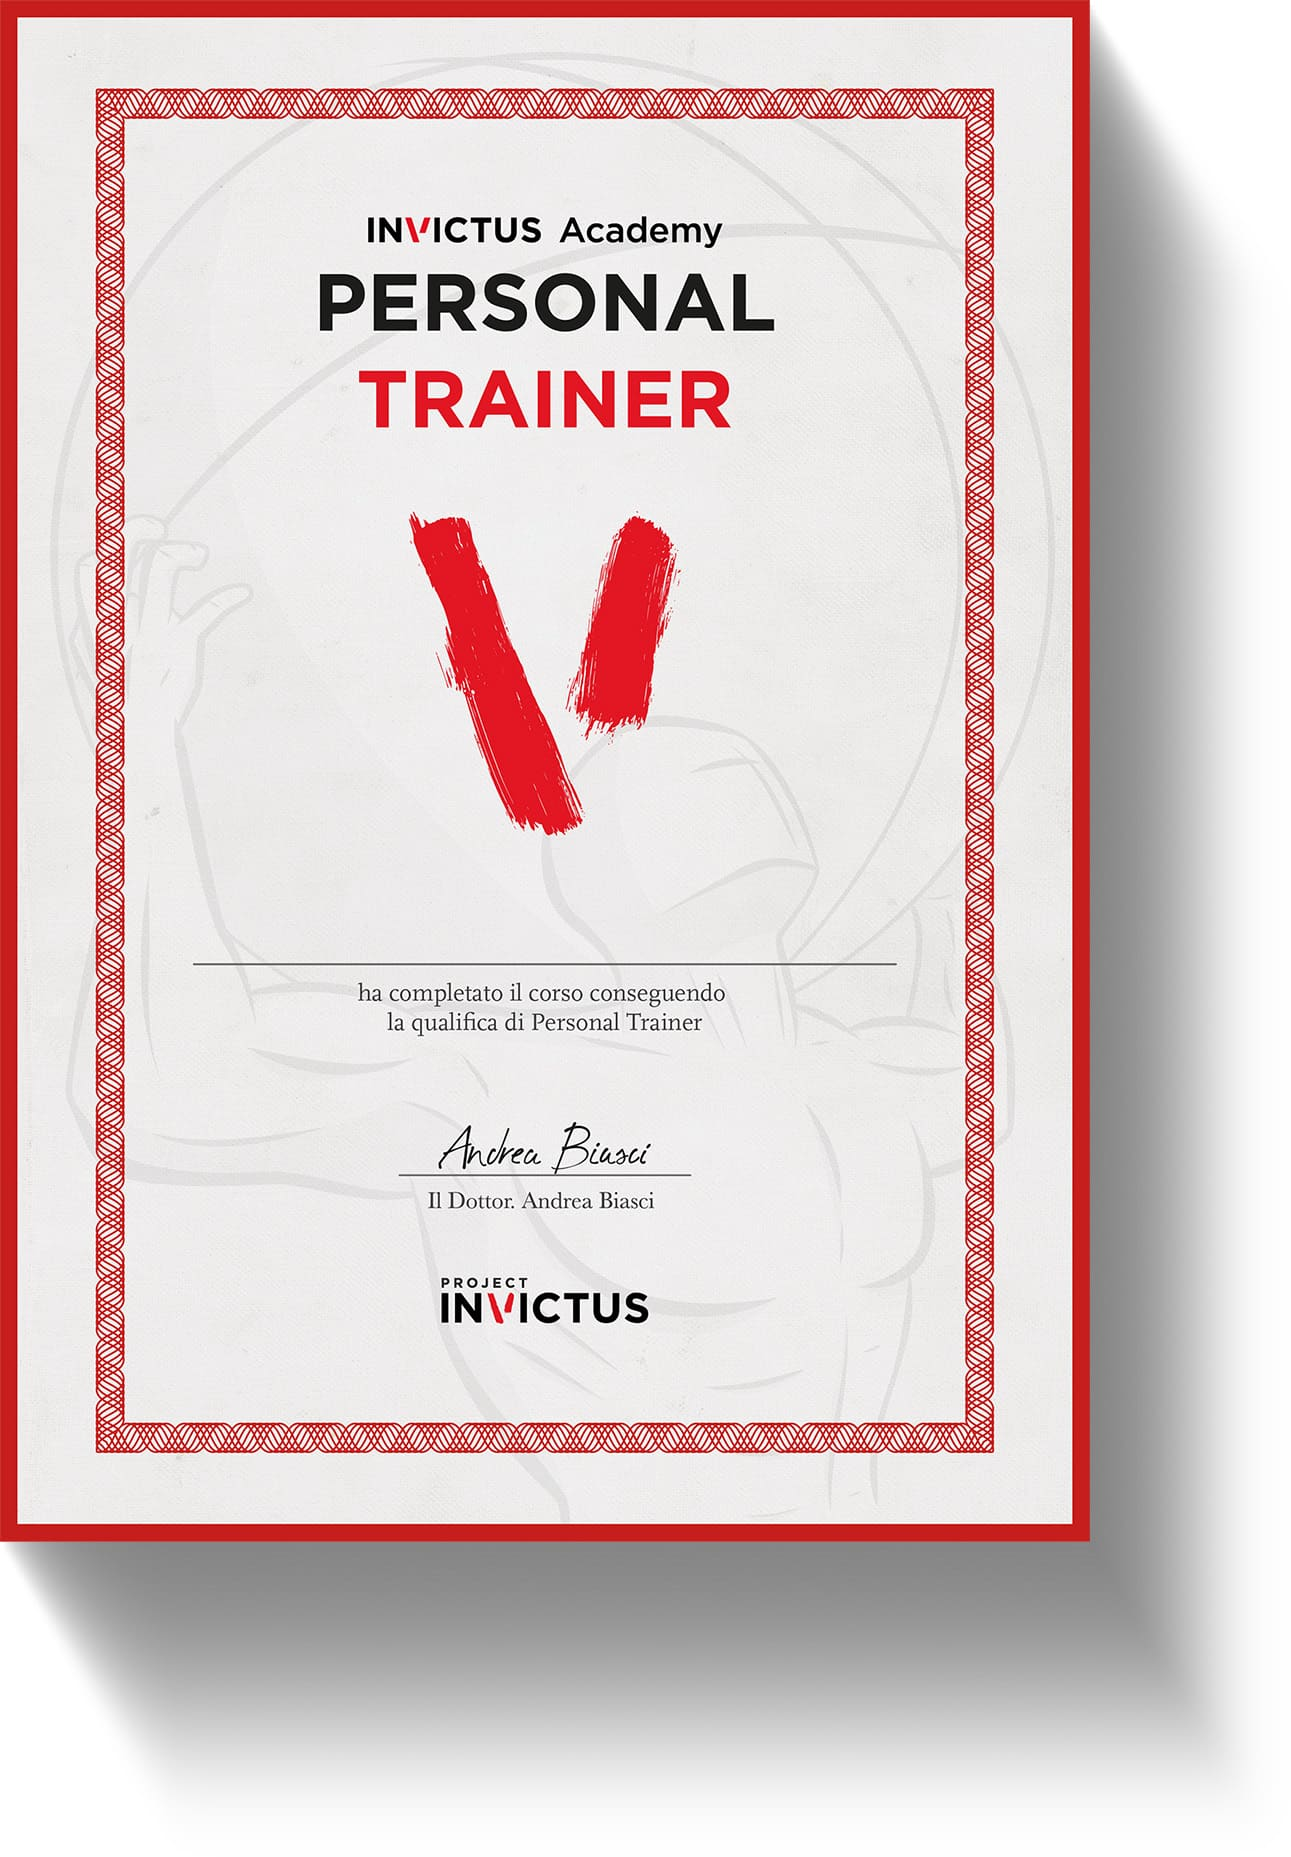 personal trainer invictus trainer